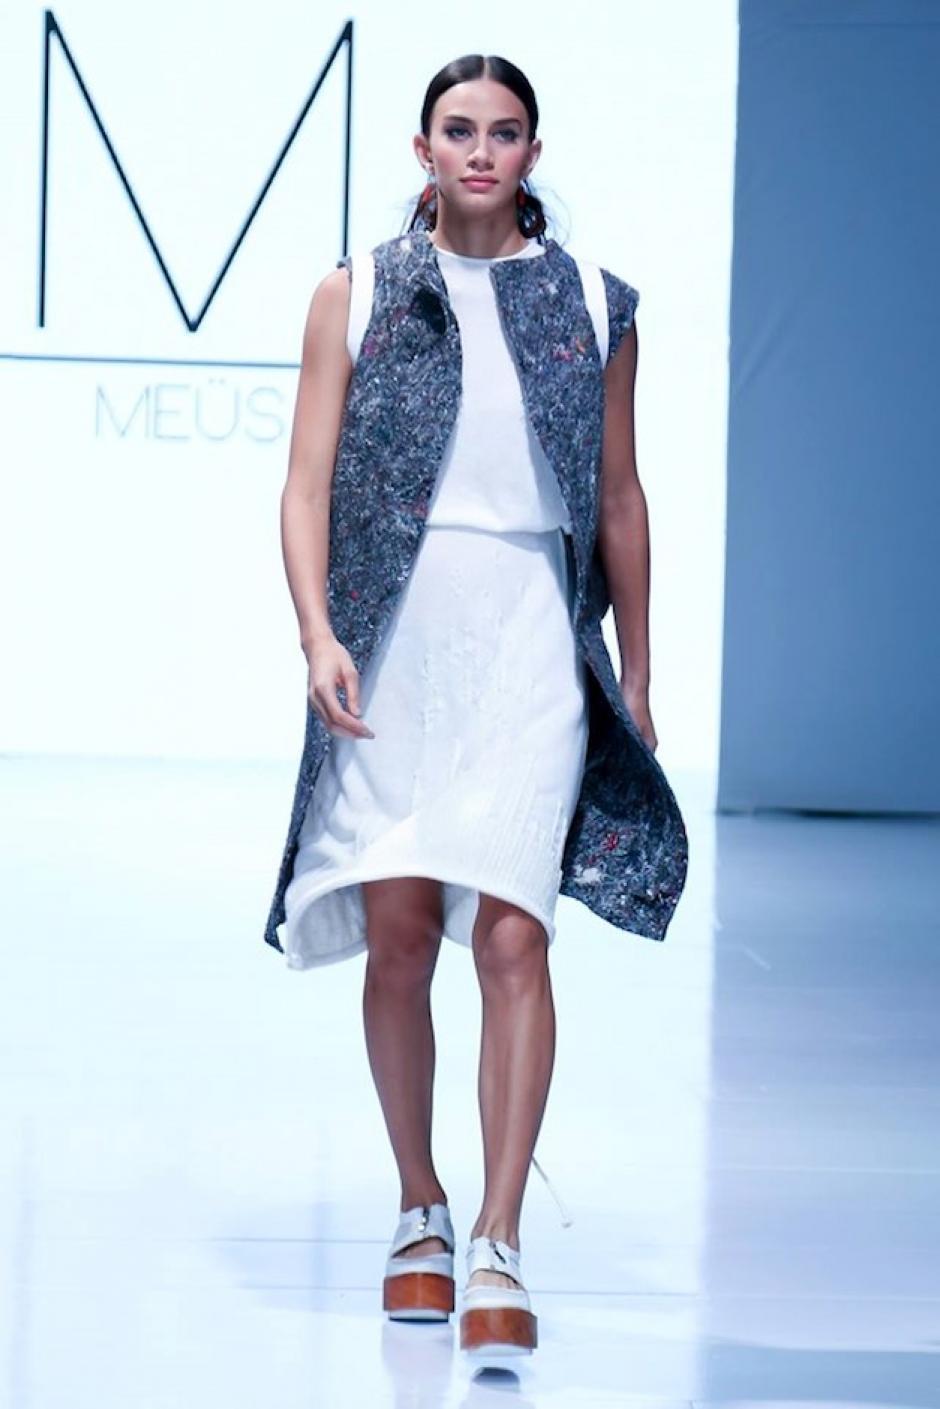 MEÜS también representará a nuestro país con diseños vanguardistas. (Foto: MEÜS oficial)